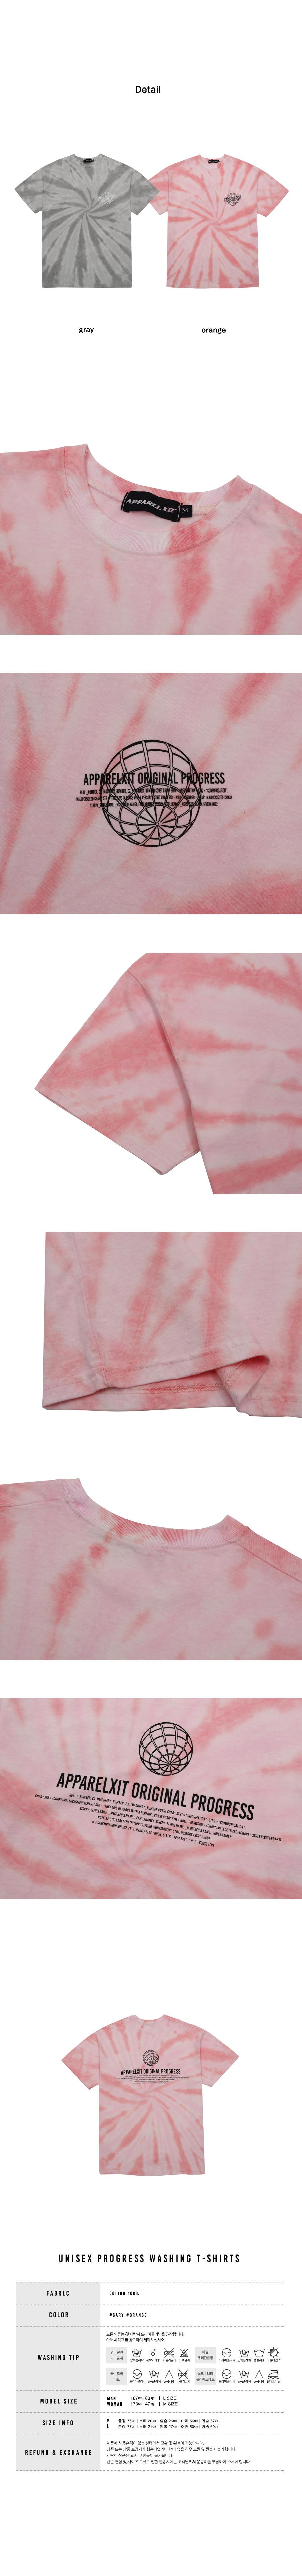 어패럴싯(APPARELXIT) 유니섹스 프로그레스 워싱 티셔츠 오렌지